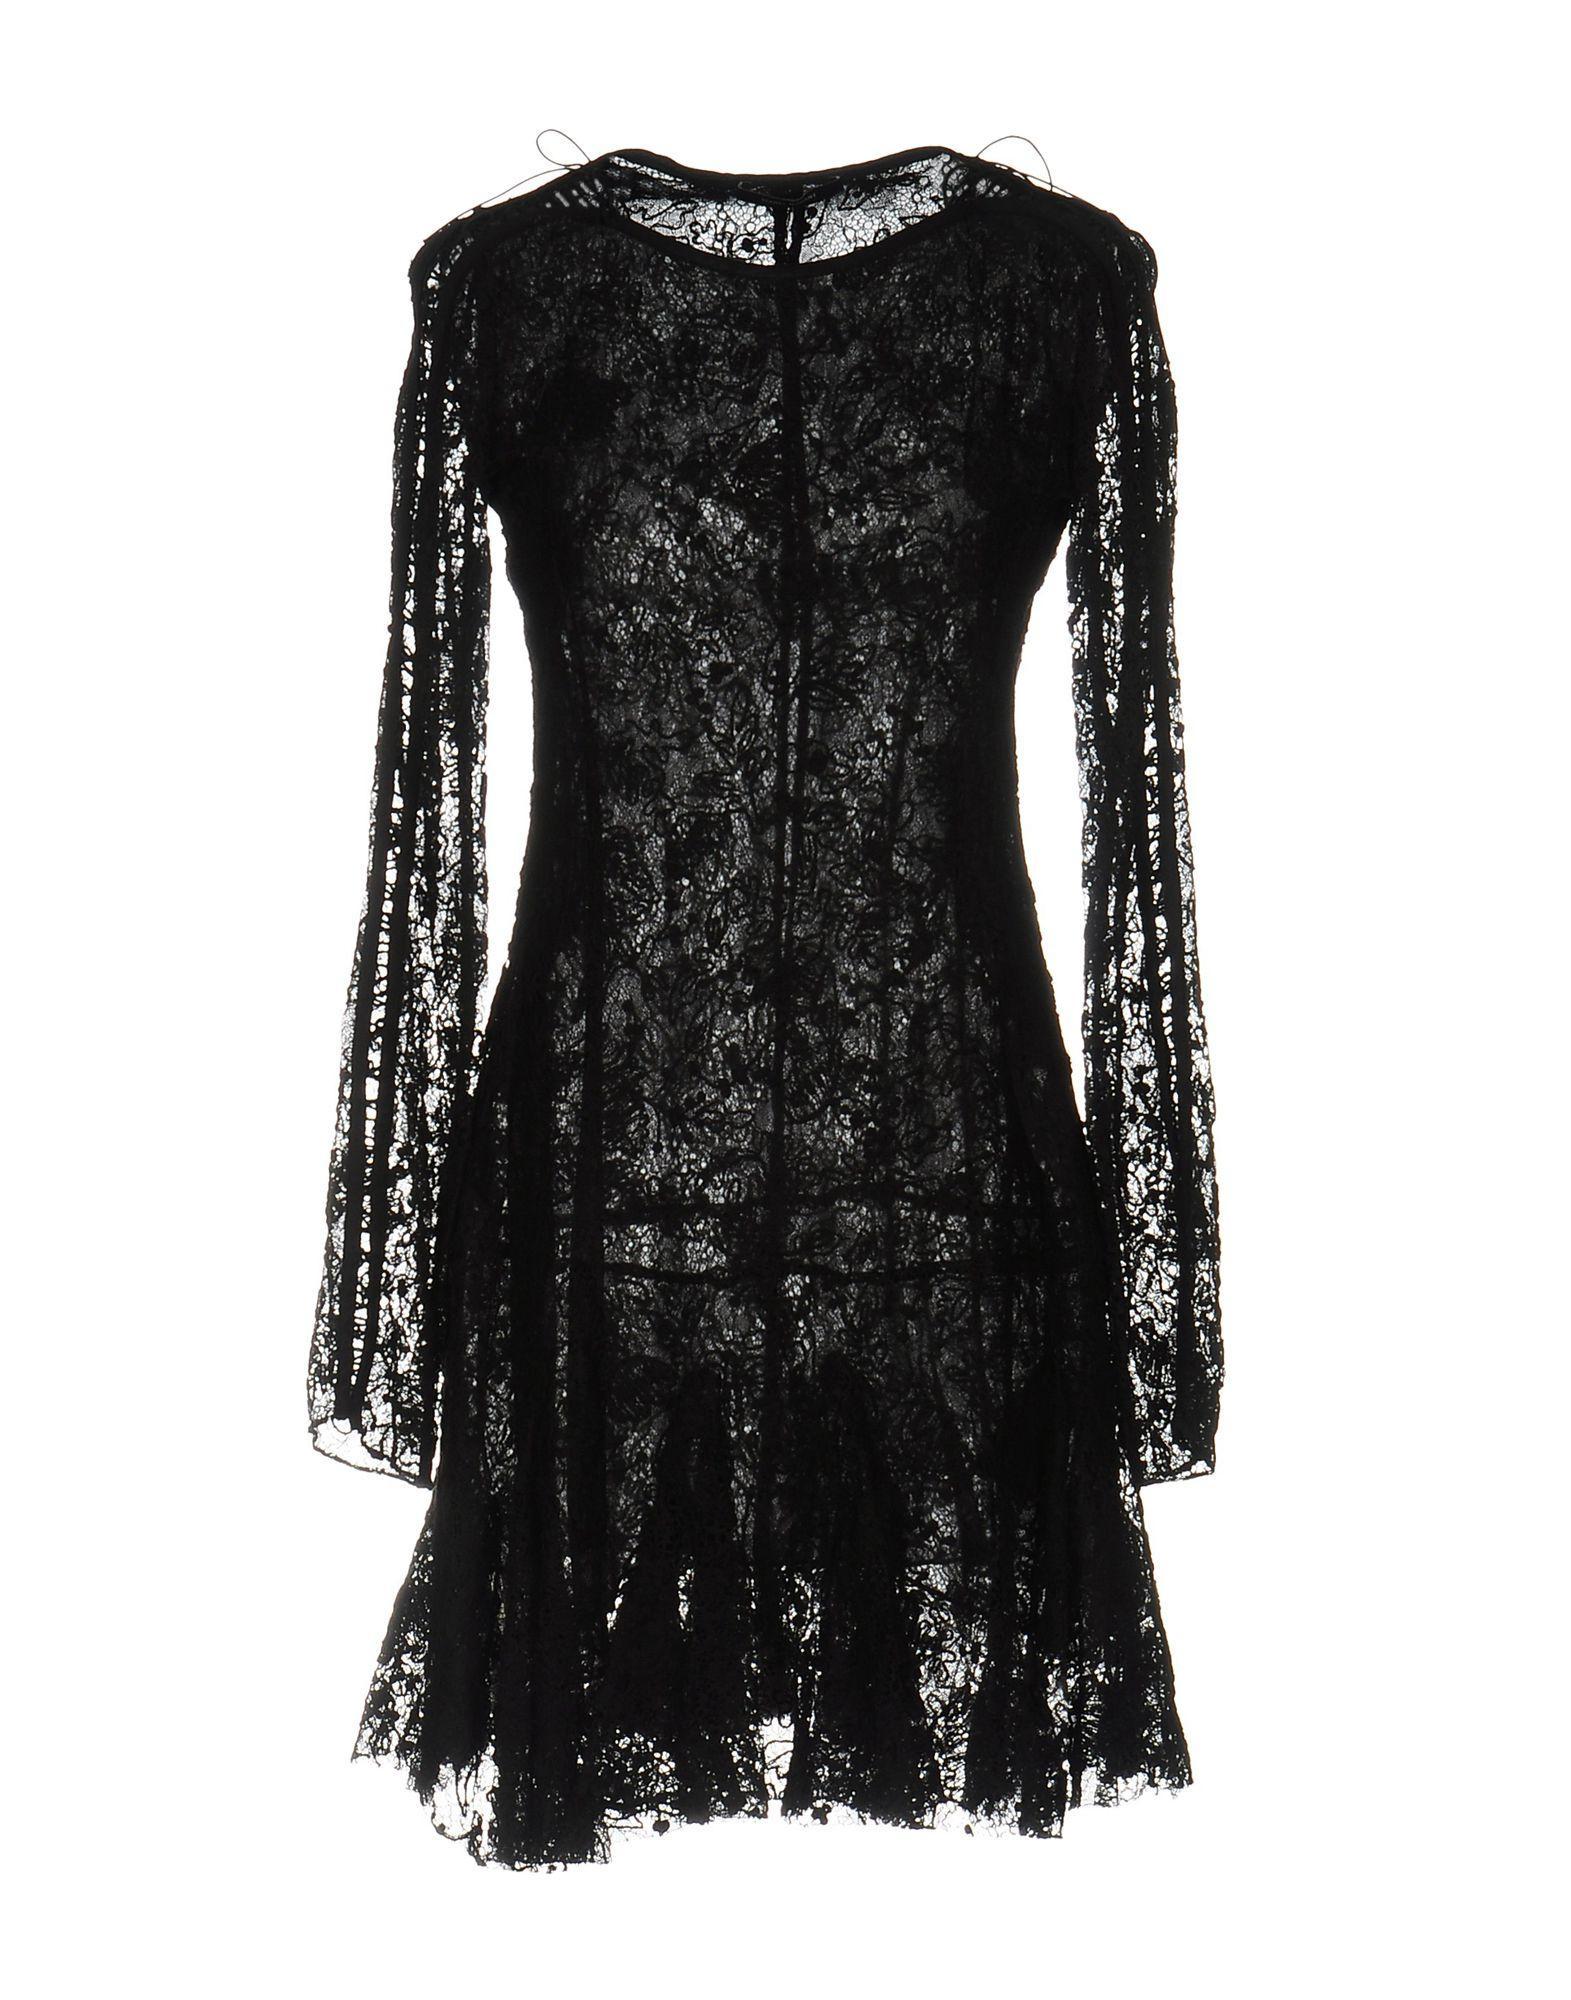 Короткое платье  Черный цвета